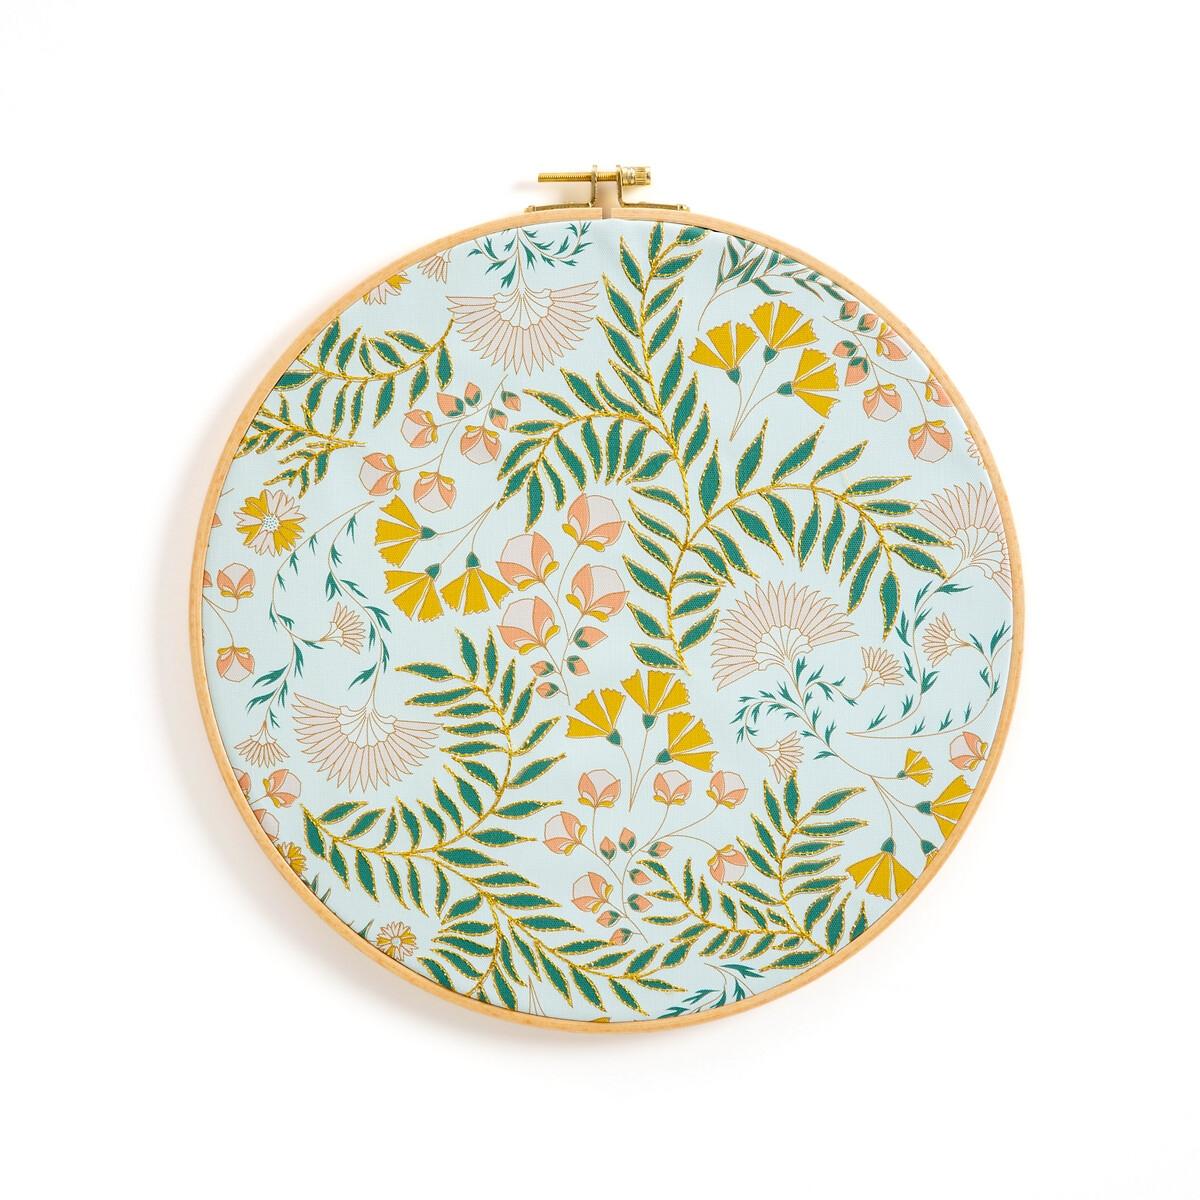 Украшение LaRedoute Настенное круглое Majari единый размер разноцветный